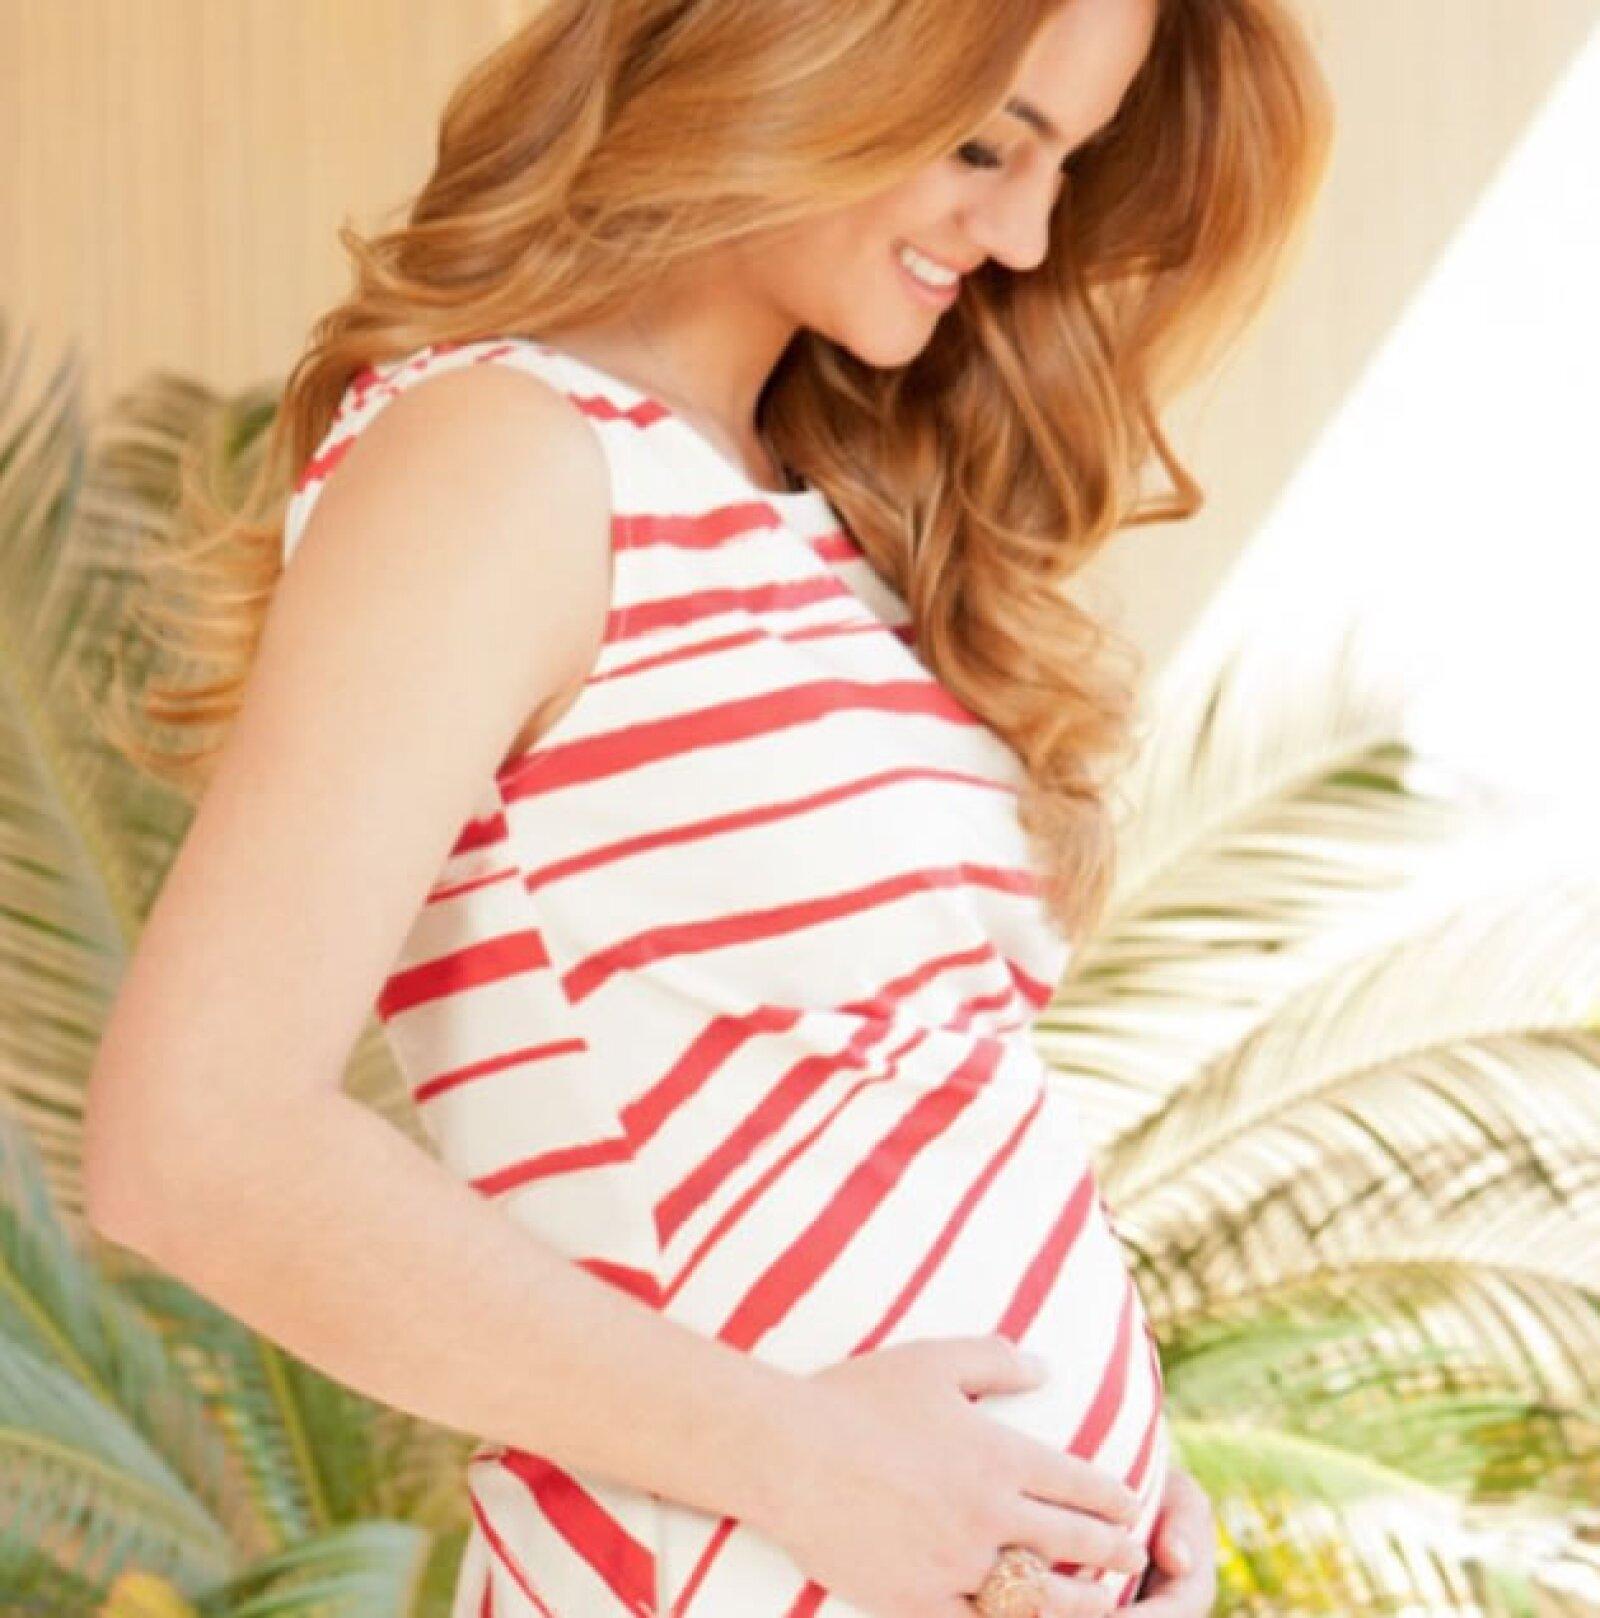 Aquí vemos a Paola en su primer trimestre de embarazo.